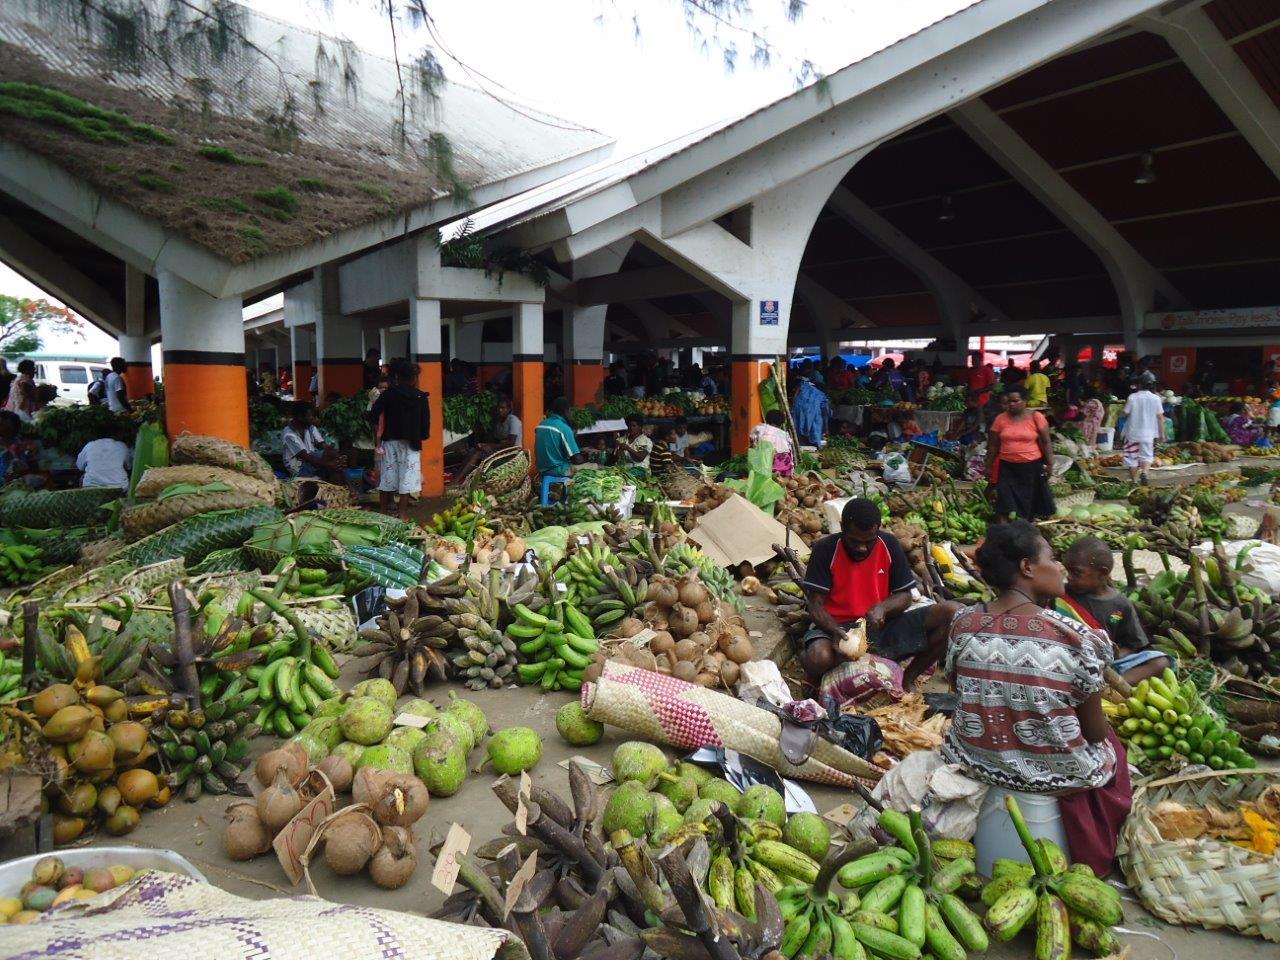 Vanuatu Yurtdışı Kargo Gönderimi - Evrak | Koli | Numune